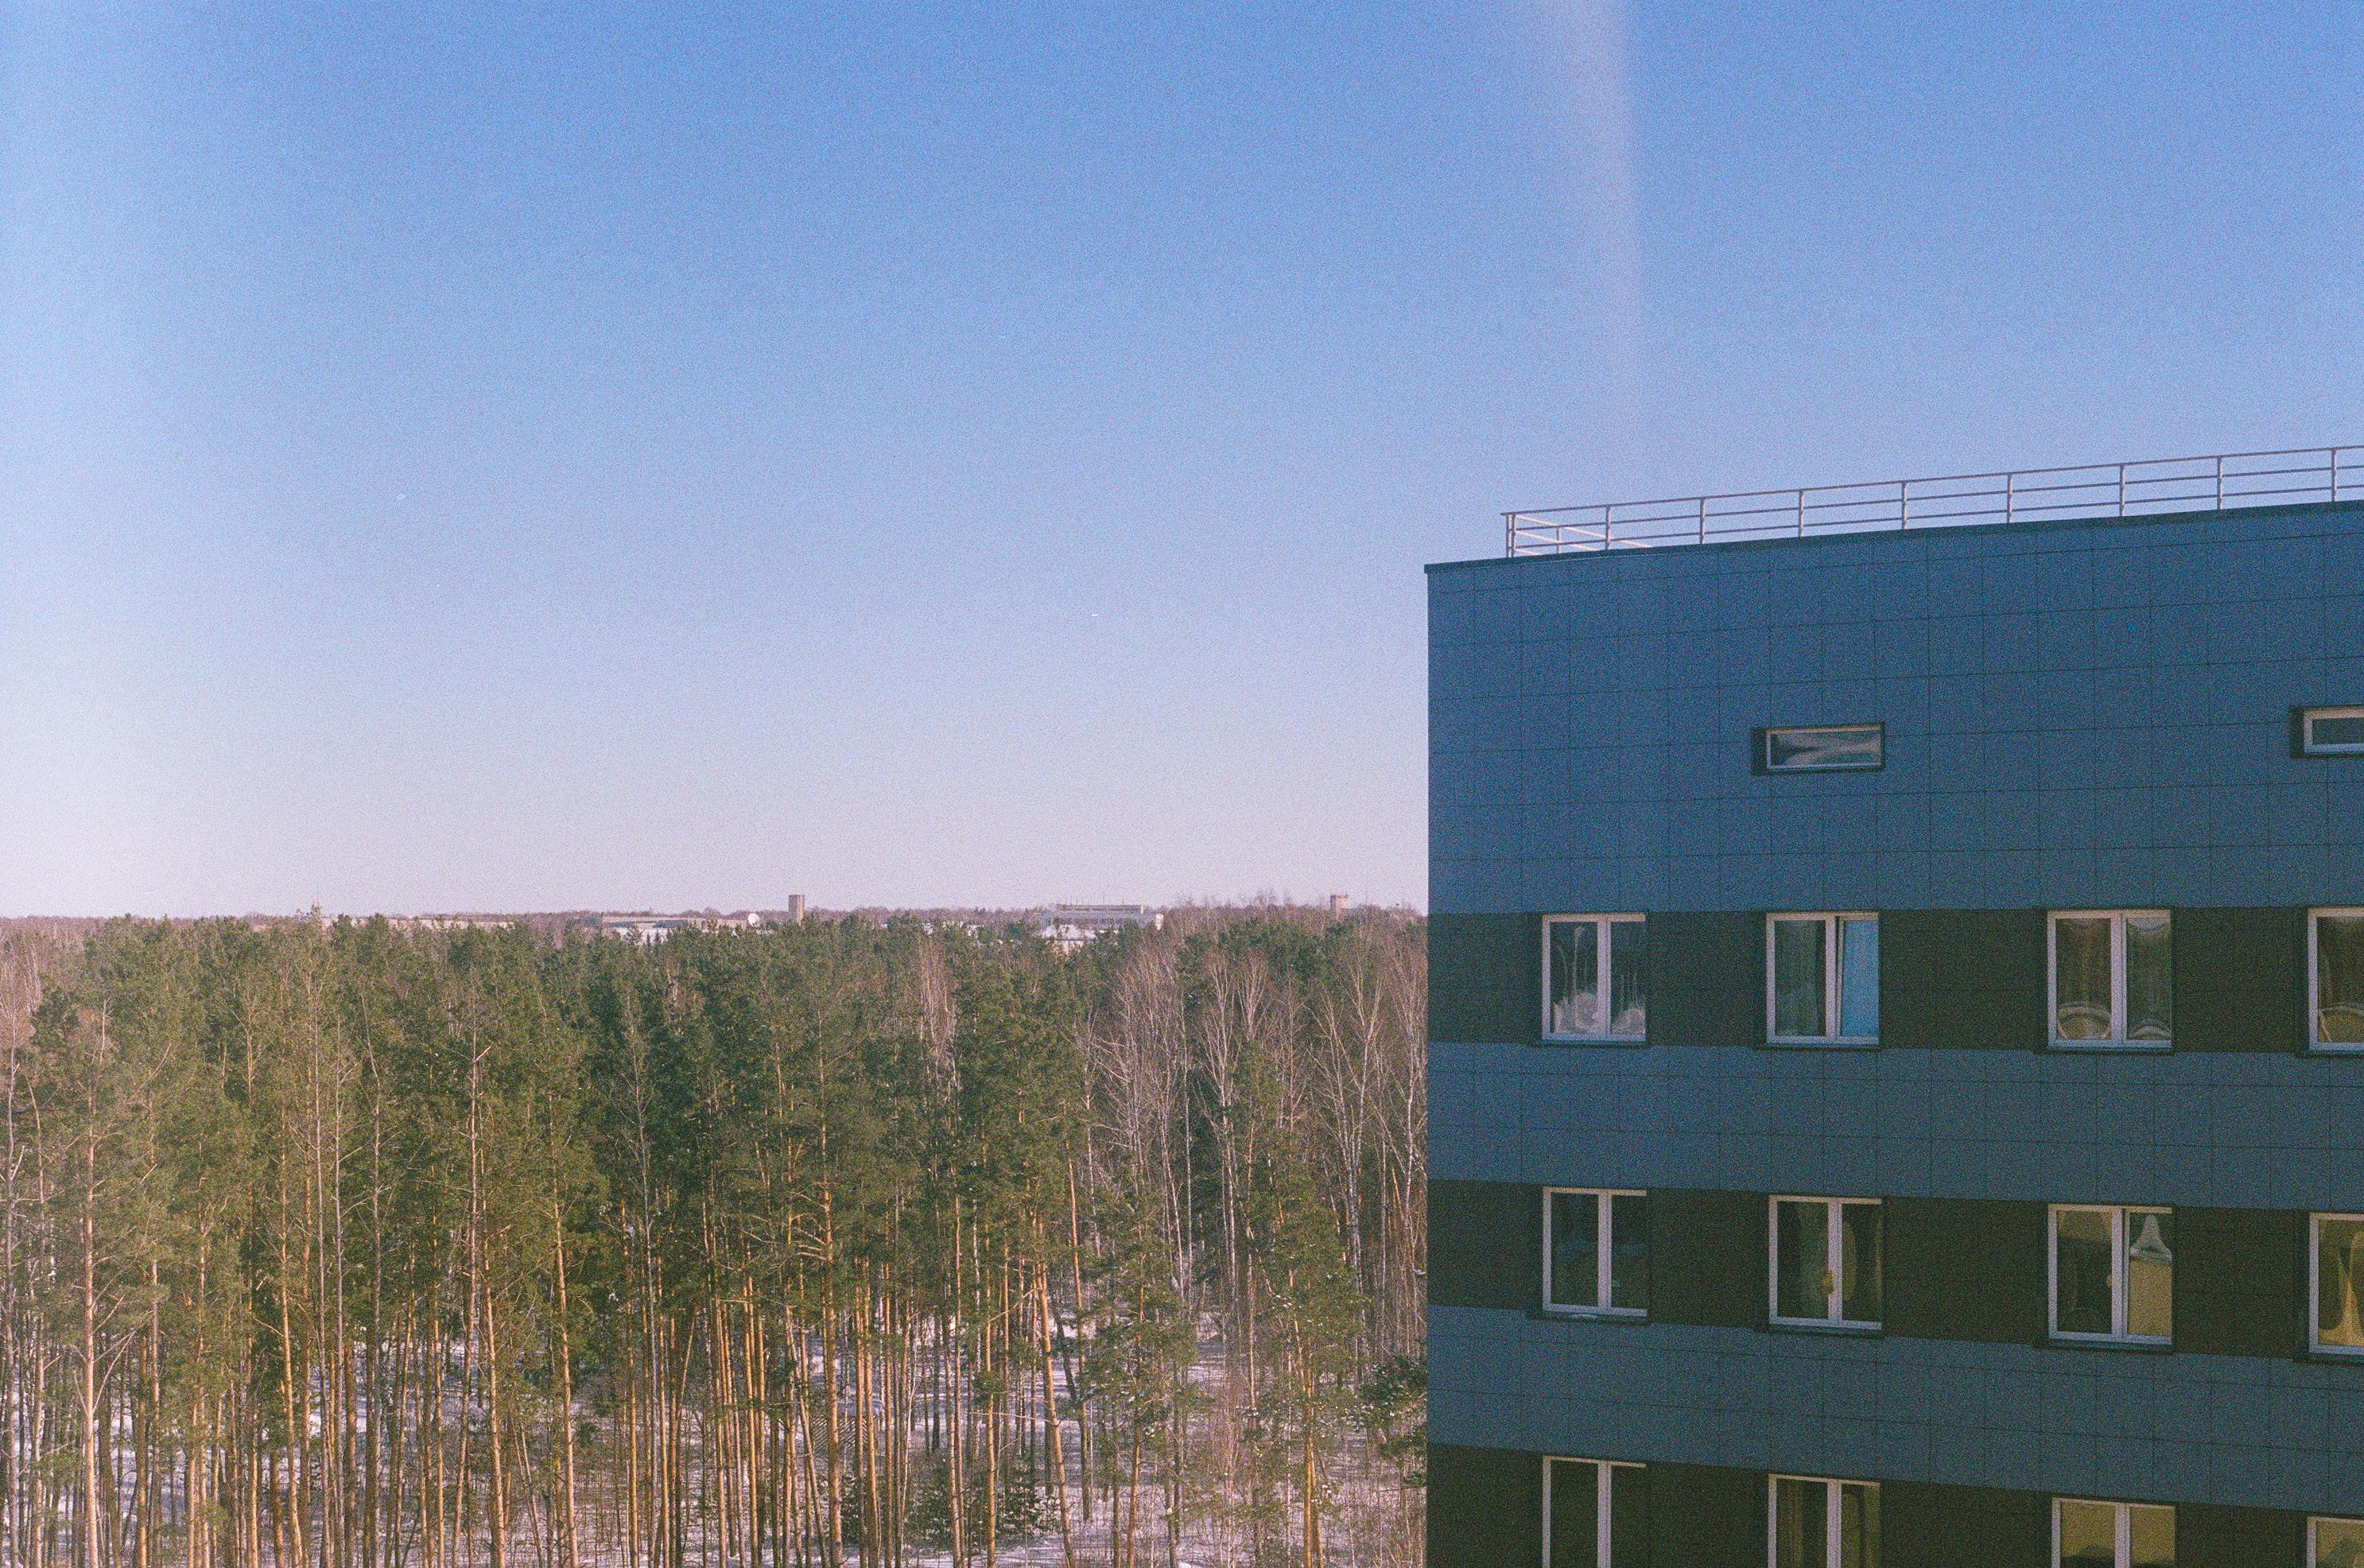 Вид из окошка. Зоркий-4, И-61 f/8, fuji superia 400